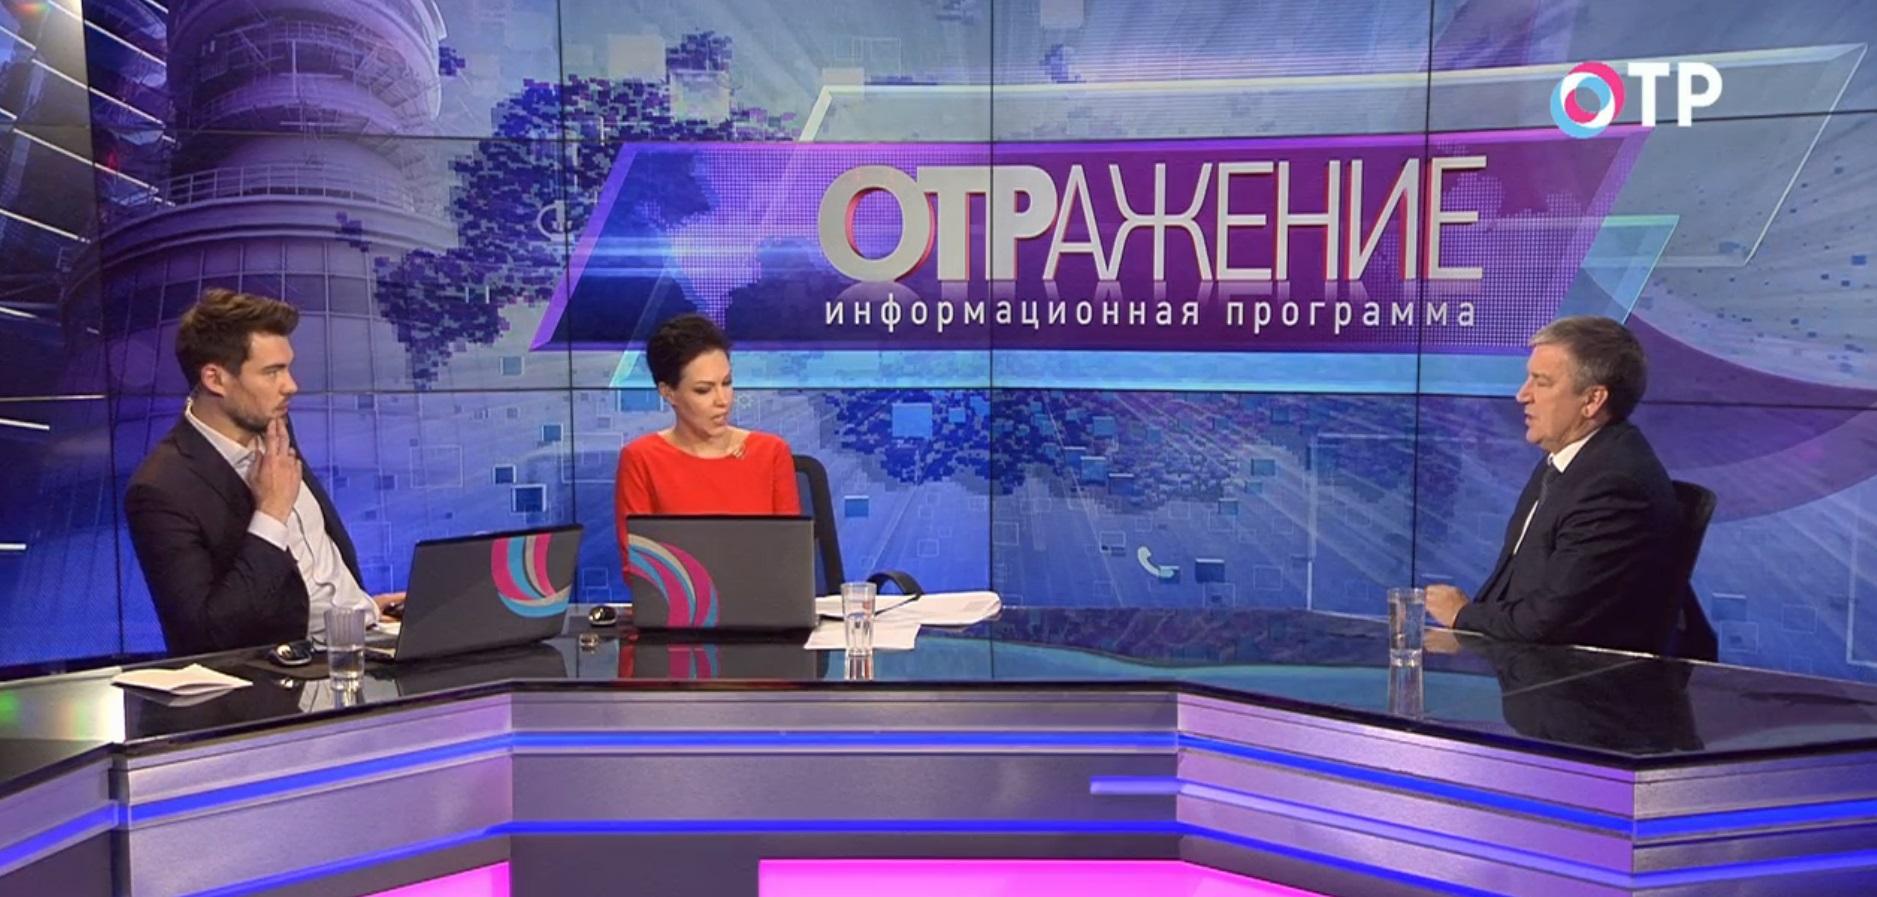 курсы телеведущих новостей в москве останкино удобный поиск